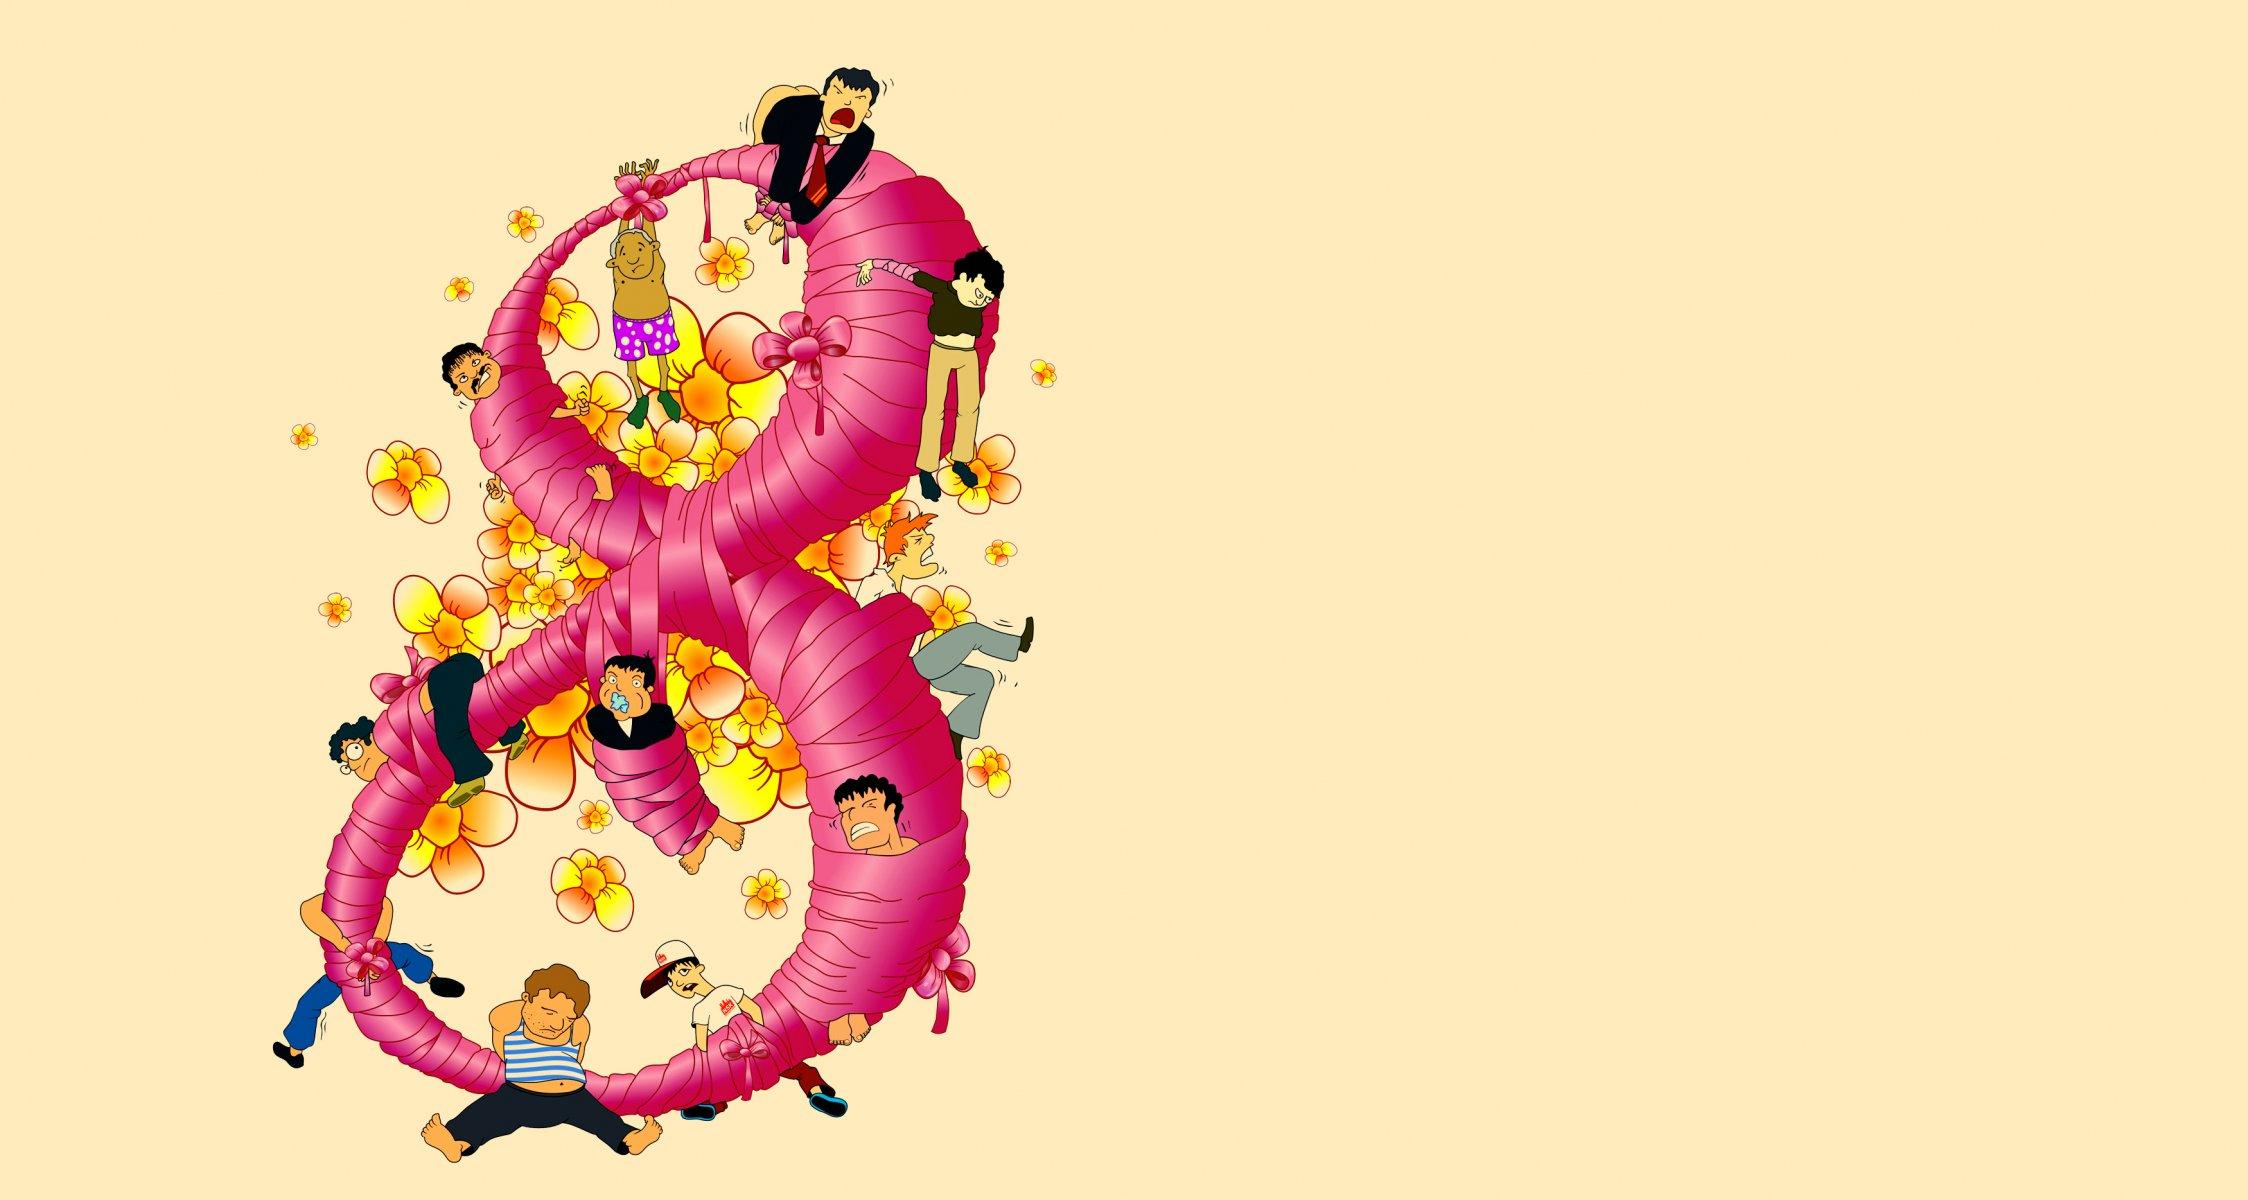 Открытки лисенок, красивый фон на 8 марта к открытке